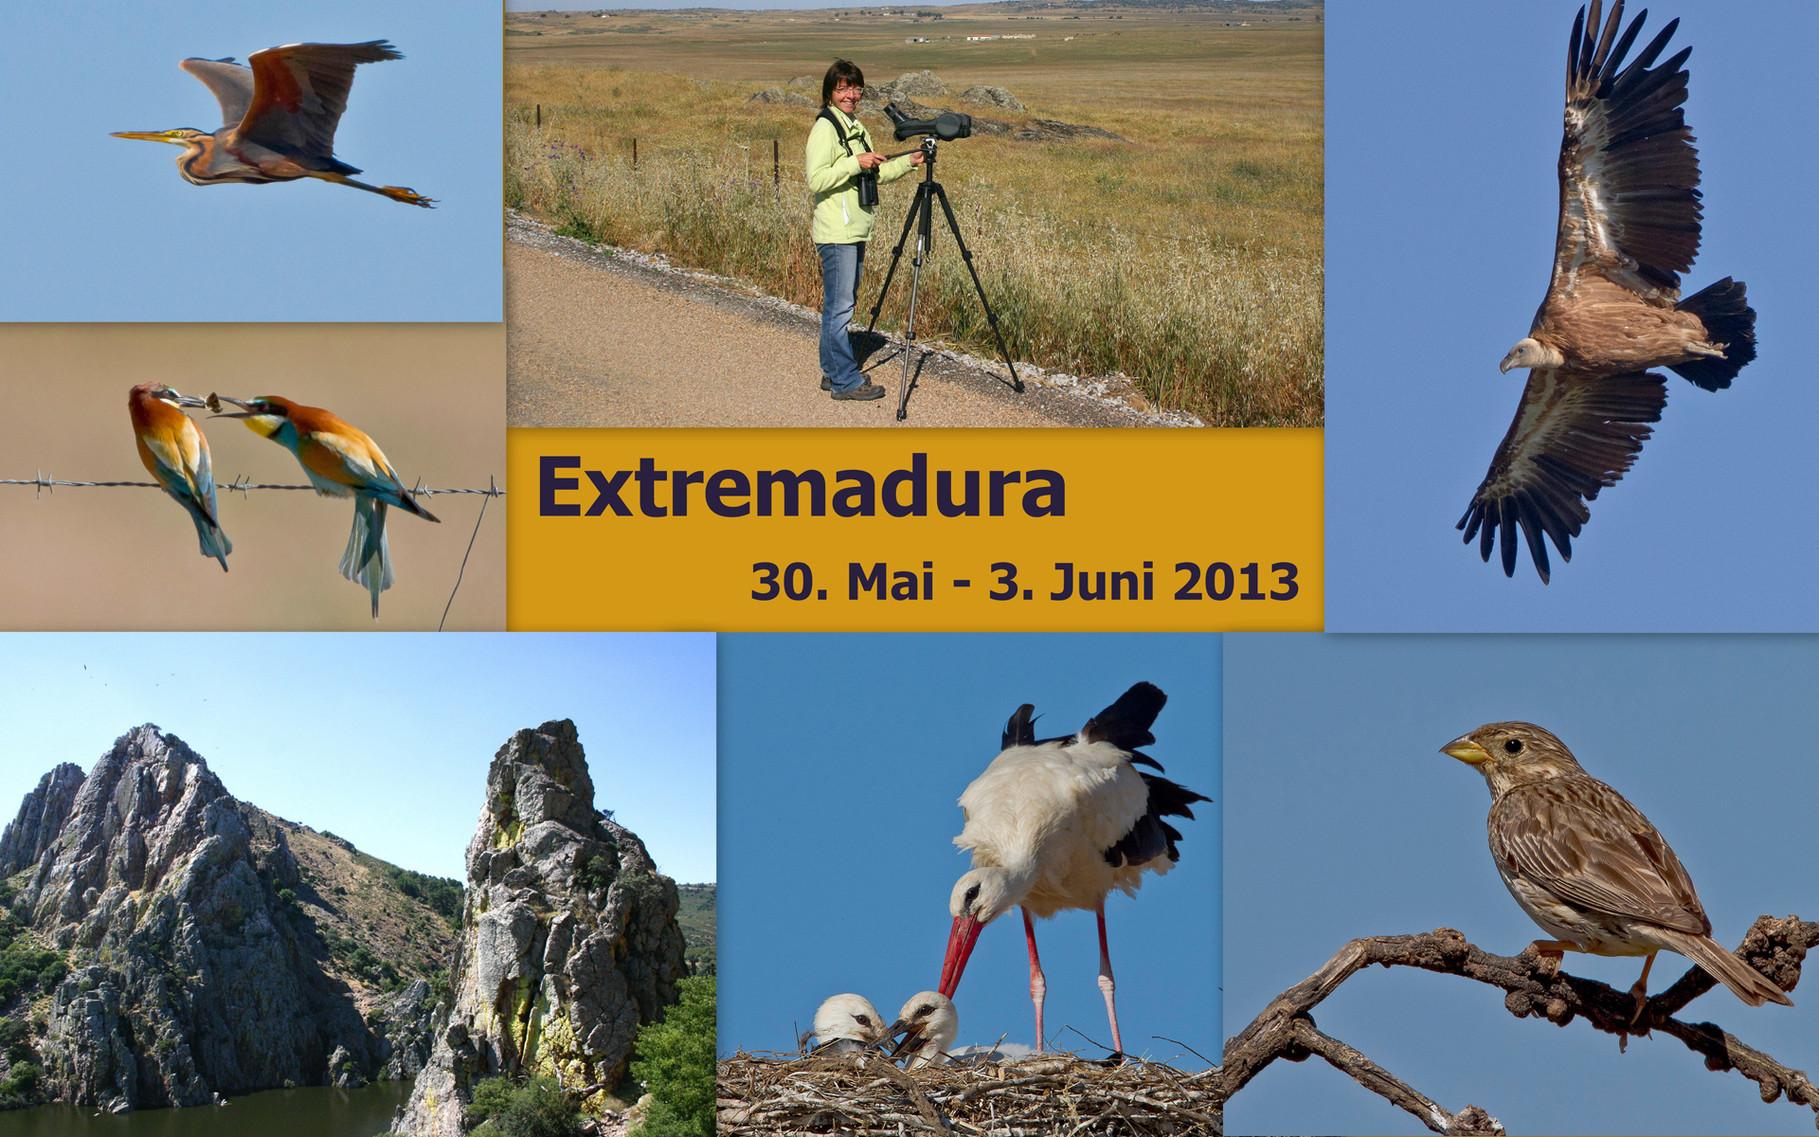 Starte die Bilder-Galerie unserer Extremadura-Reise Mai/Juni 2013